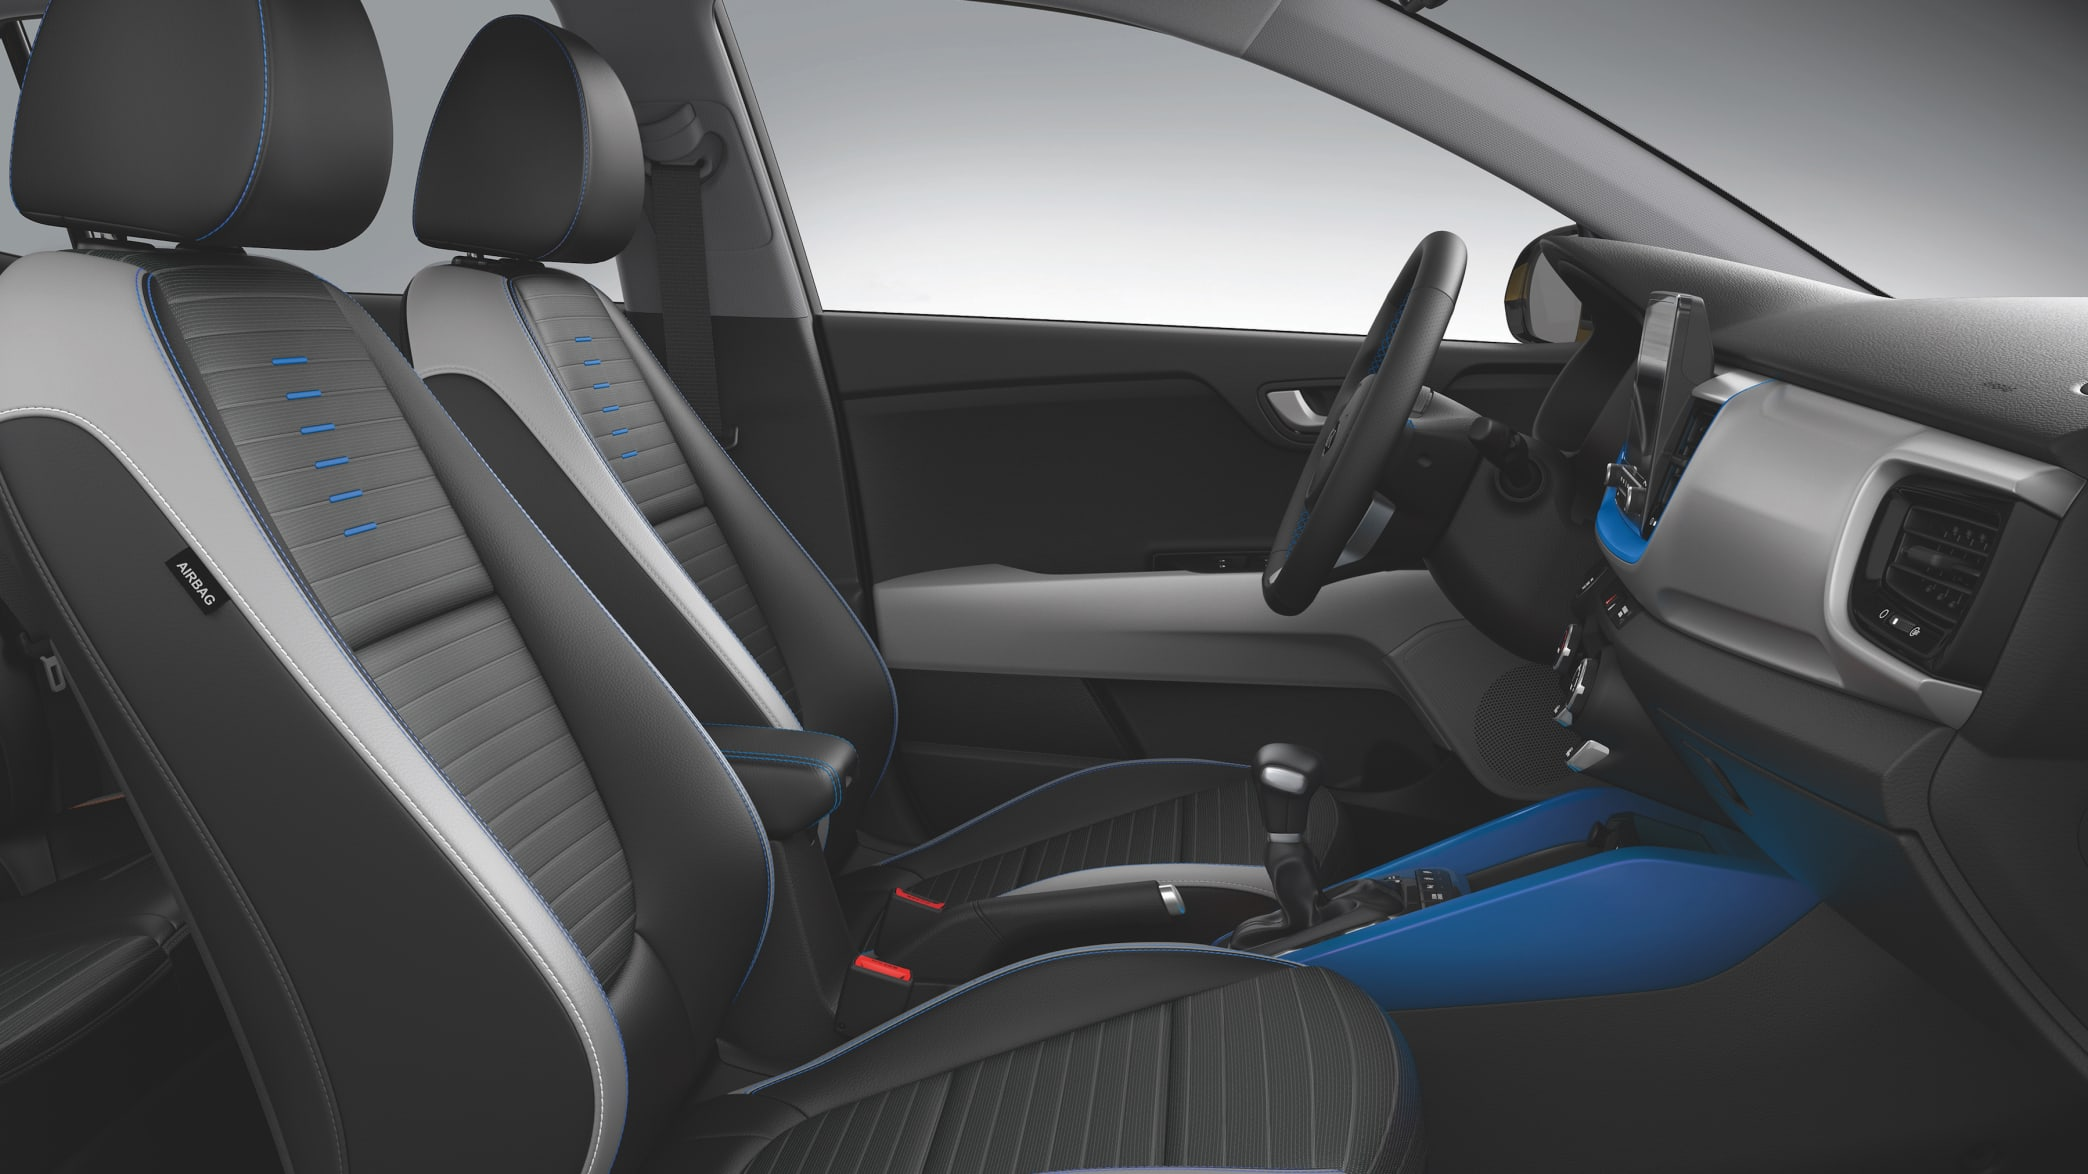 Die Vordersitze vom Kia Stonic Modelljahr 2021